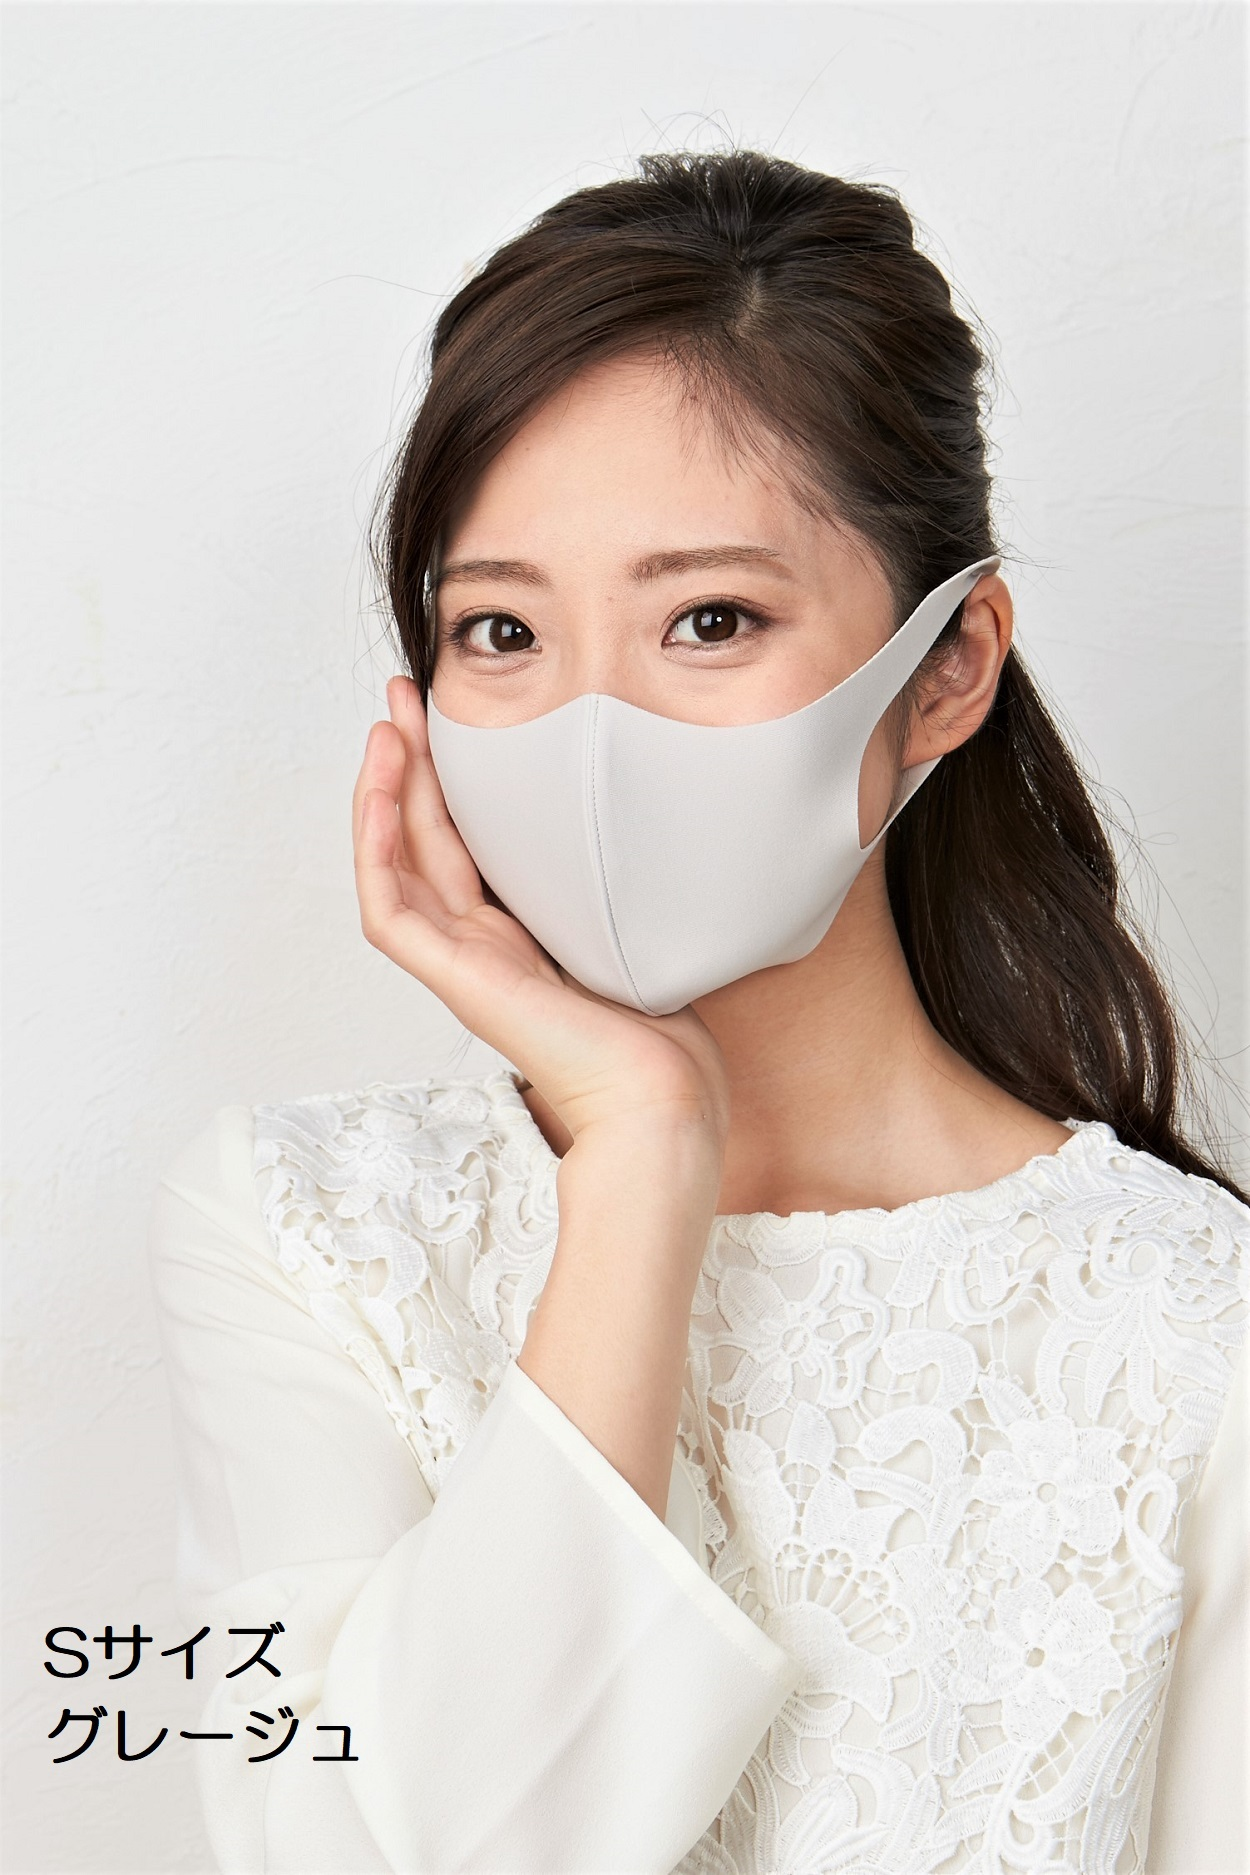 新「ぷる♥」マスク Sサイズ 無地2枚組 しっとり保湿・UVカット・ワイヤー同封 日本製